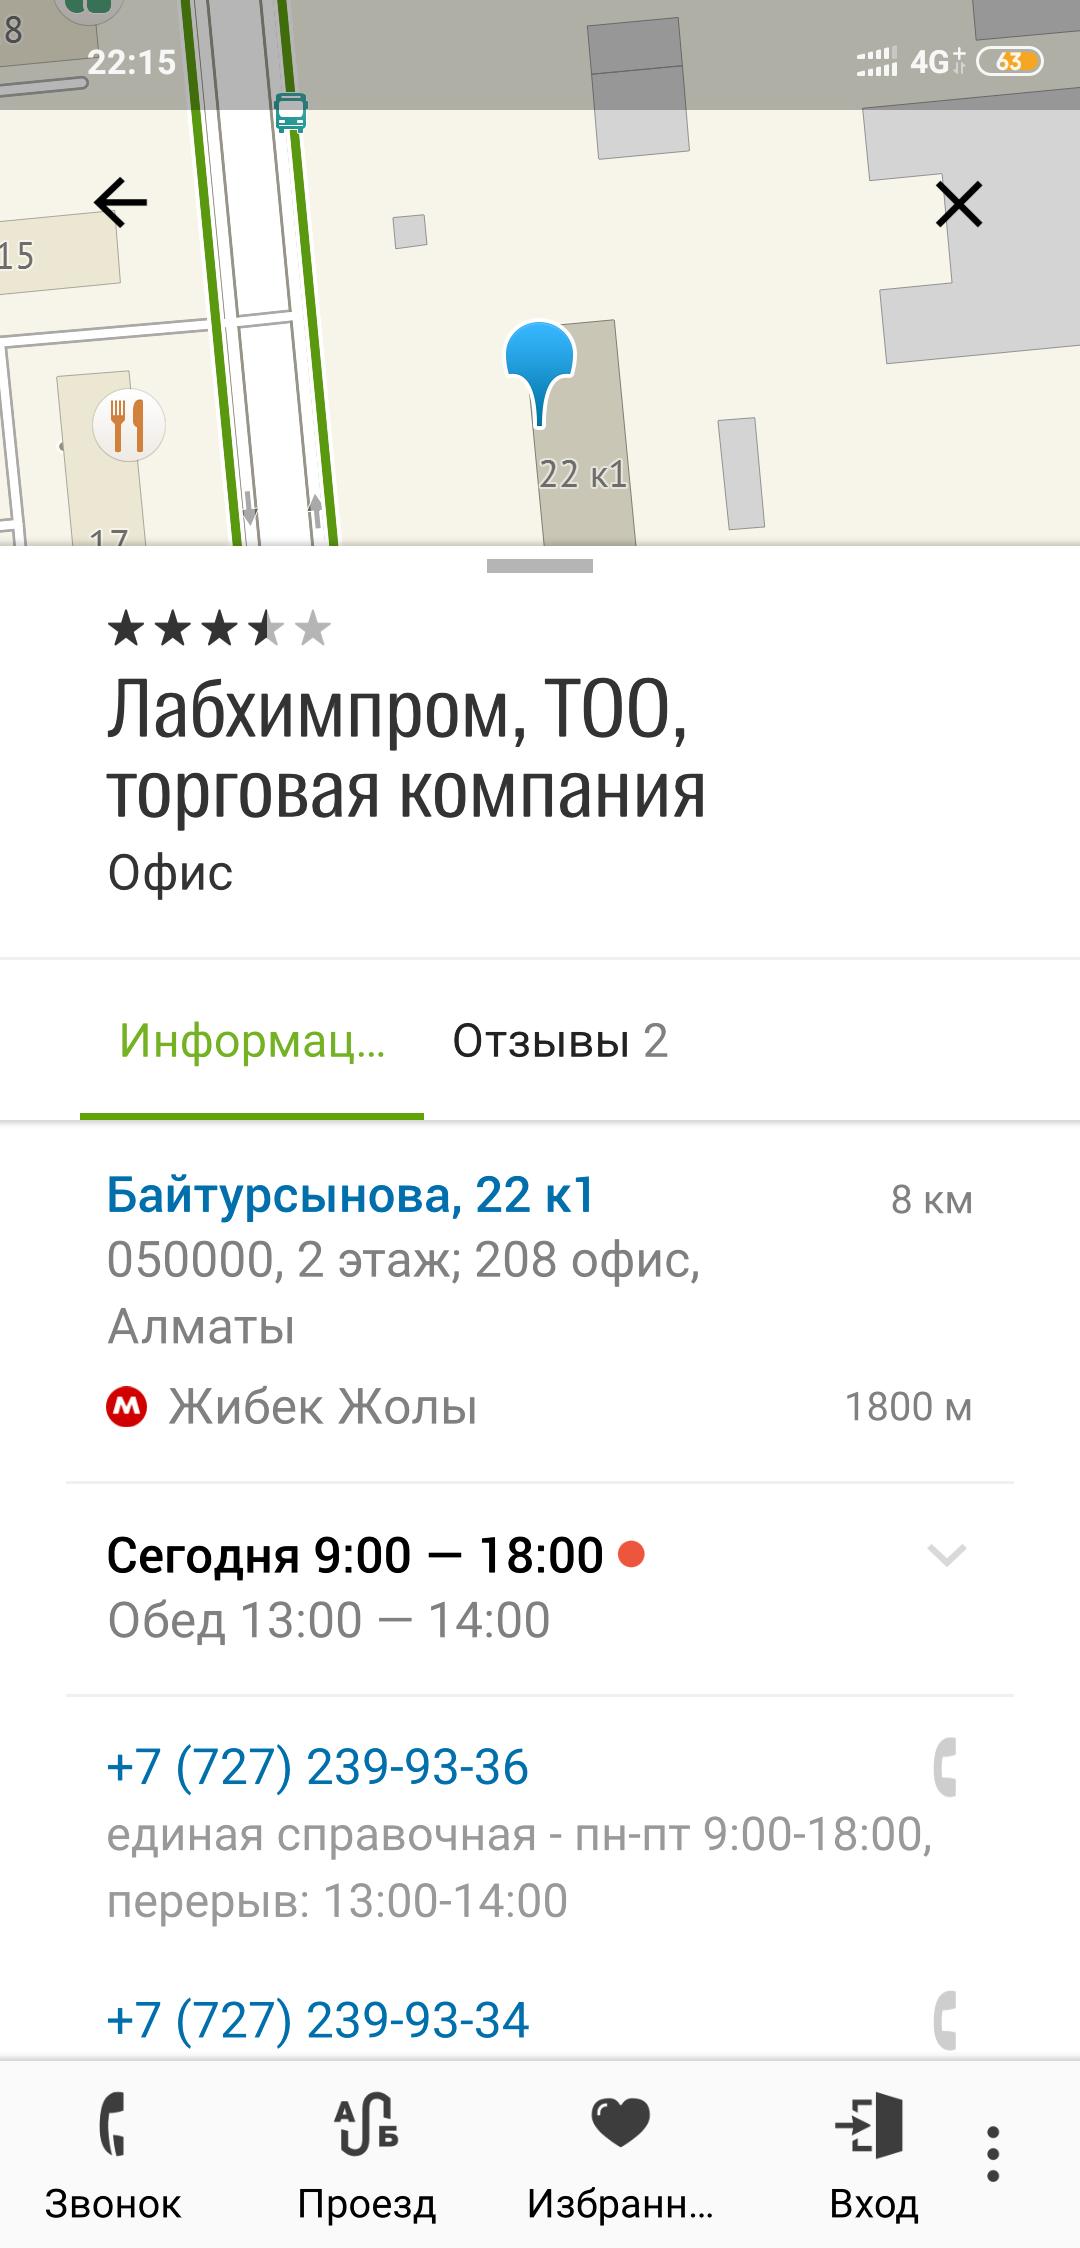 Screenshot_2018-11-22-22-15-20-527_ru.dublgis.dgismobile.png